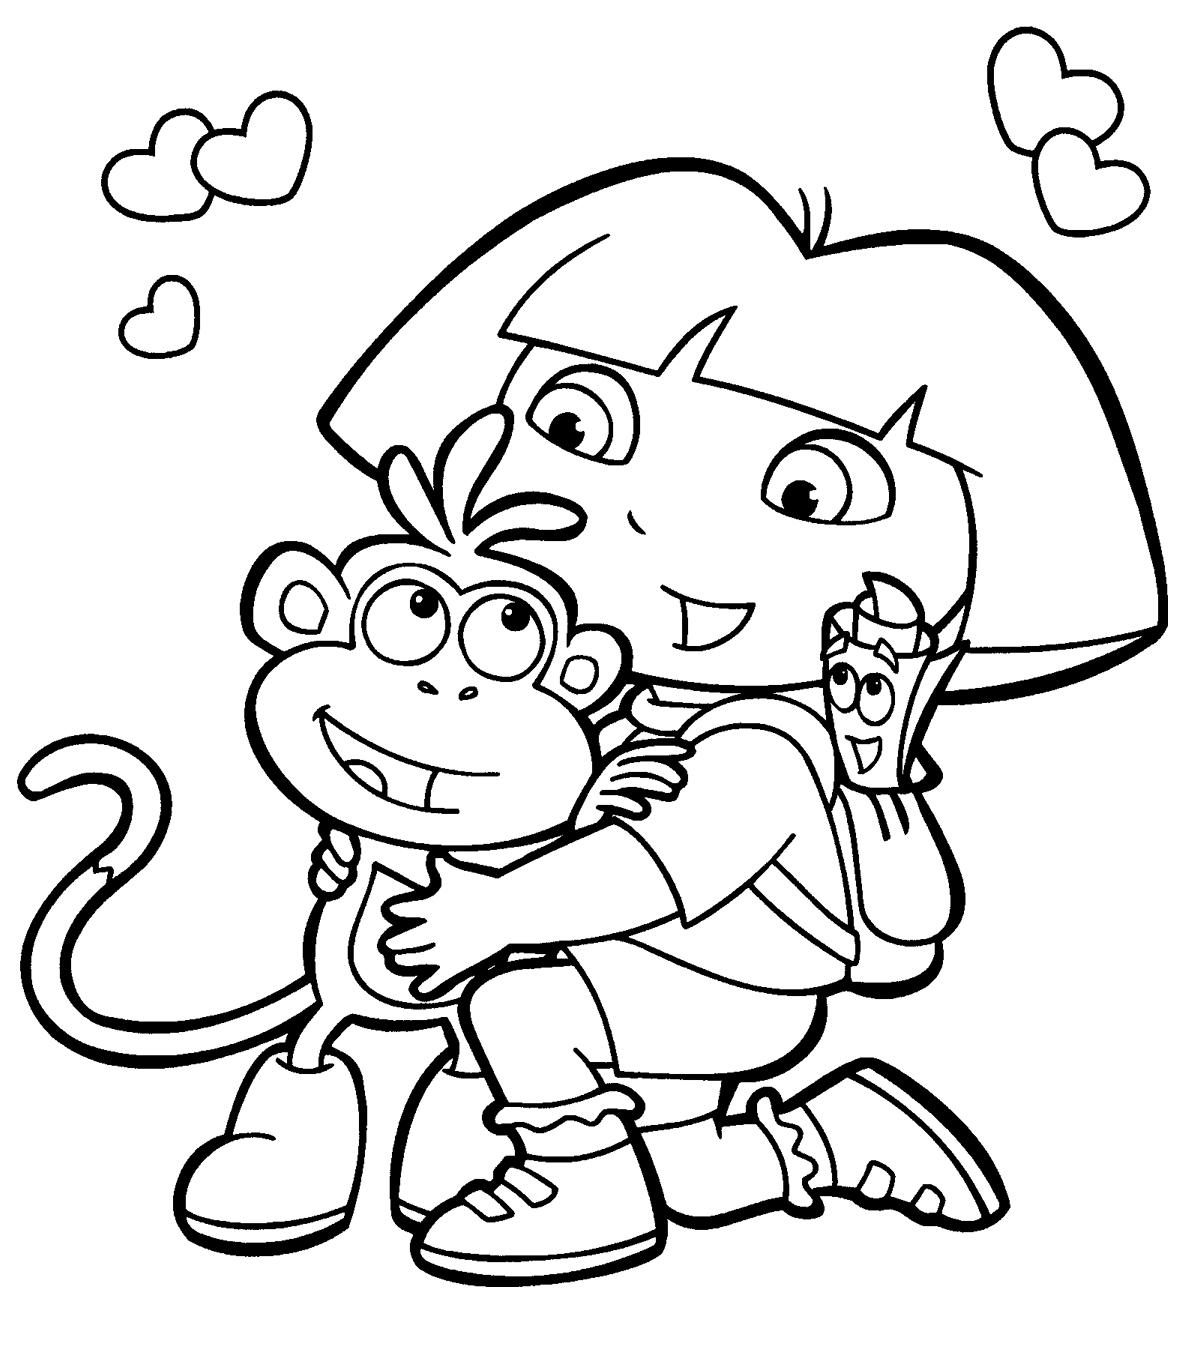 Дора с обезьянкой из мультфильмов Распечатать раскраски для мальчиков